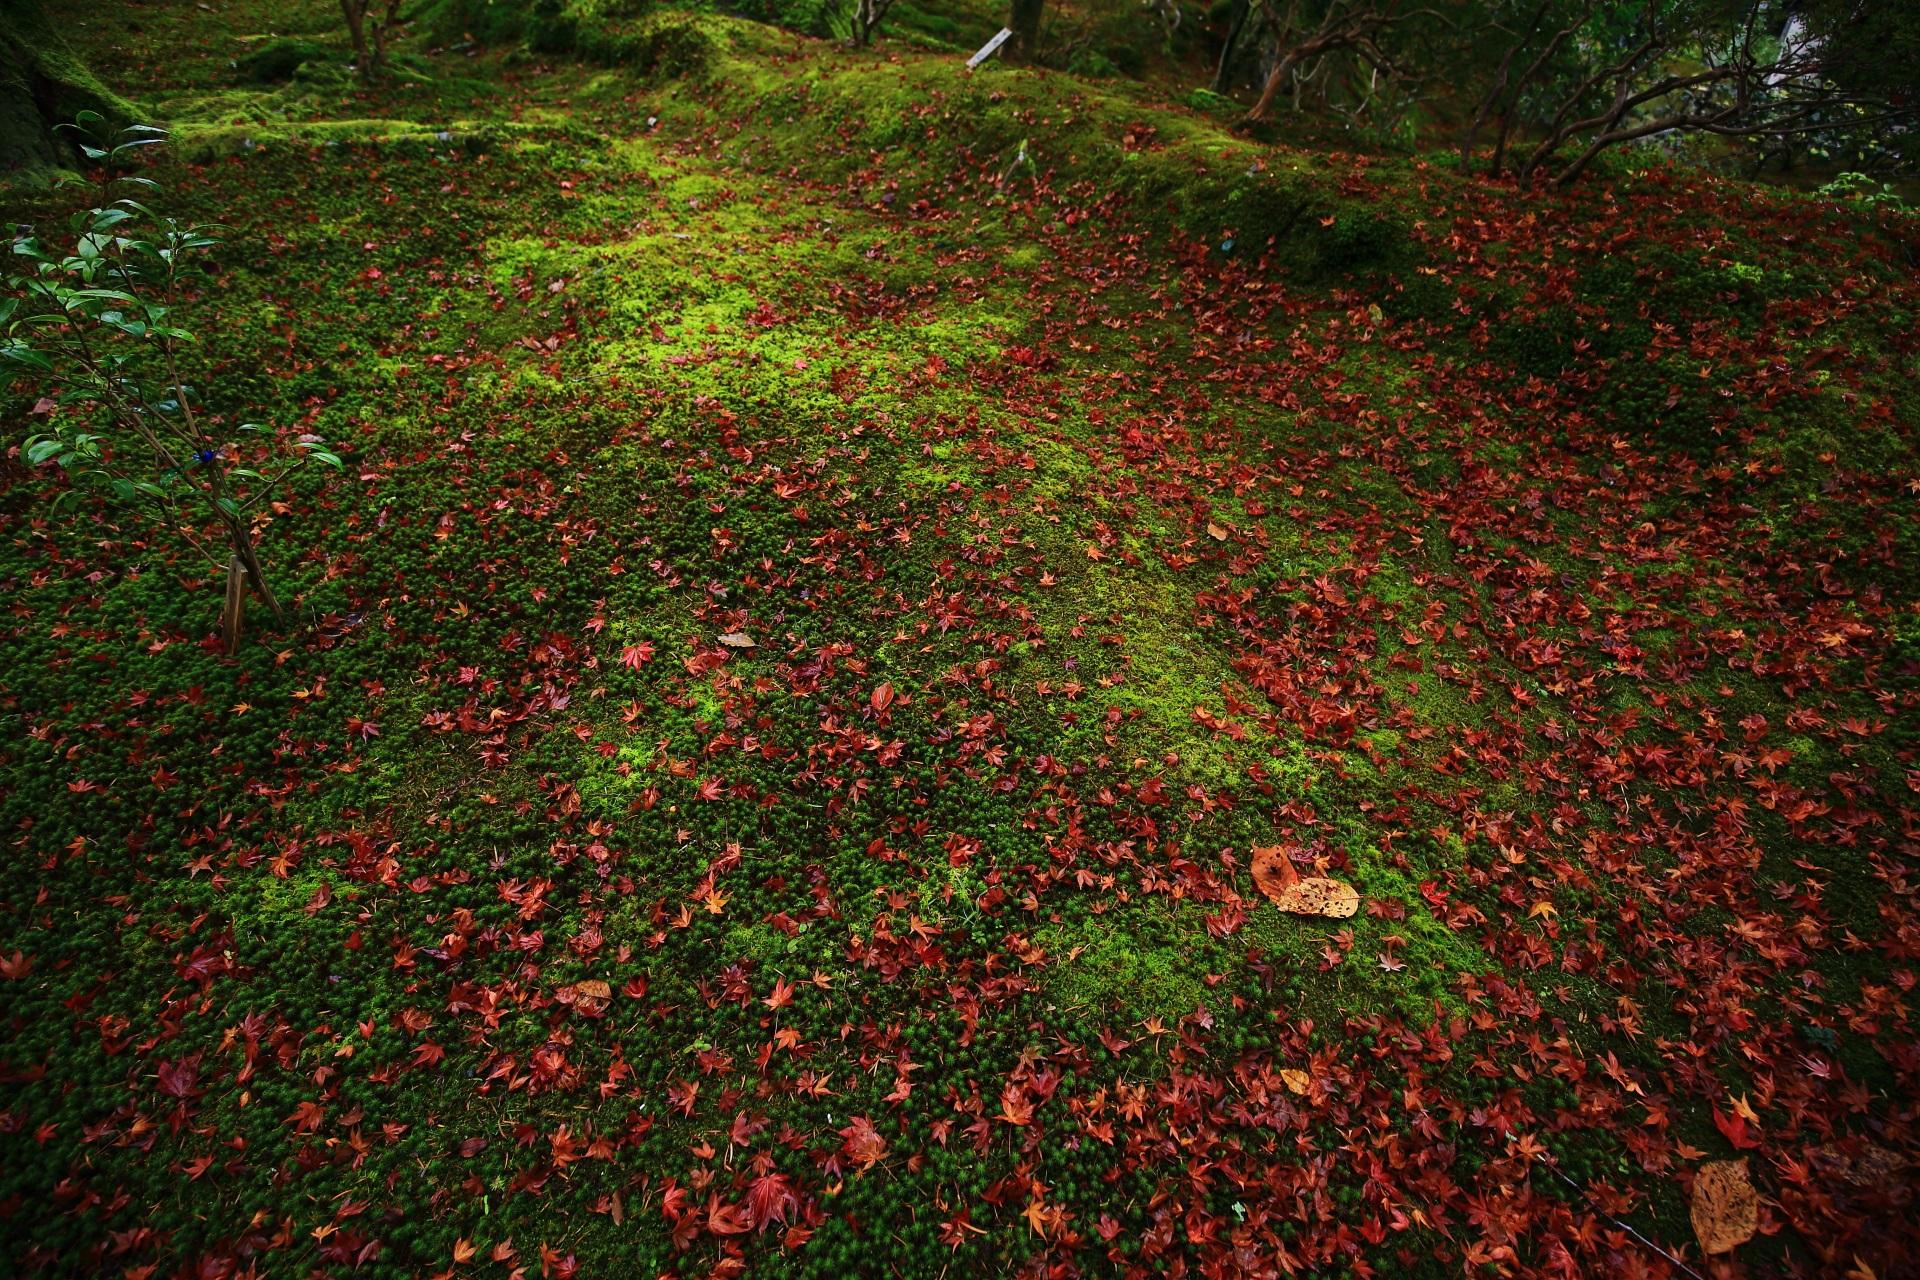 美しい緑の苔を染める深く鮮やかな散り紅葉